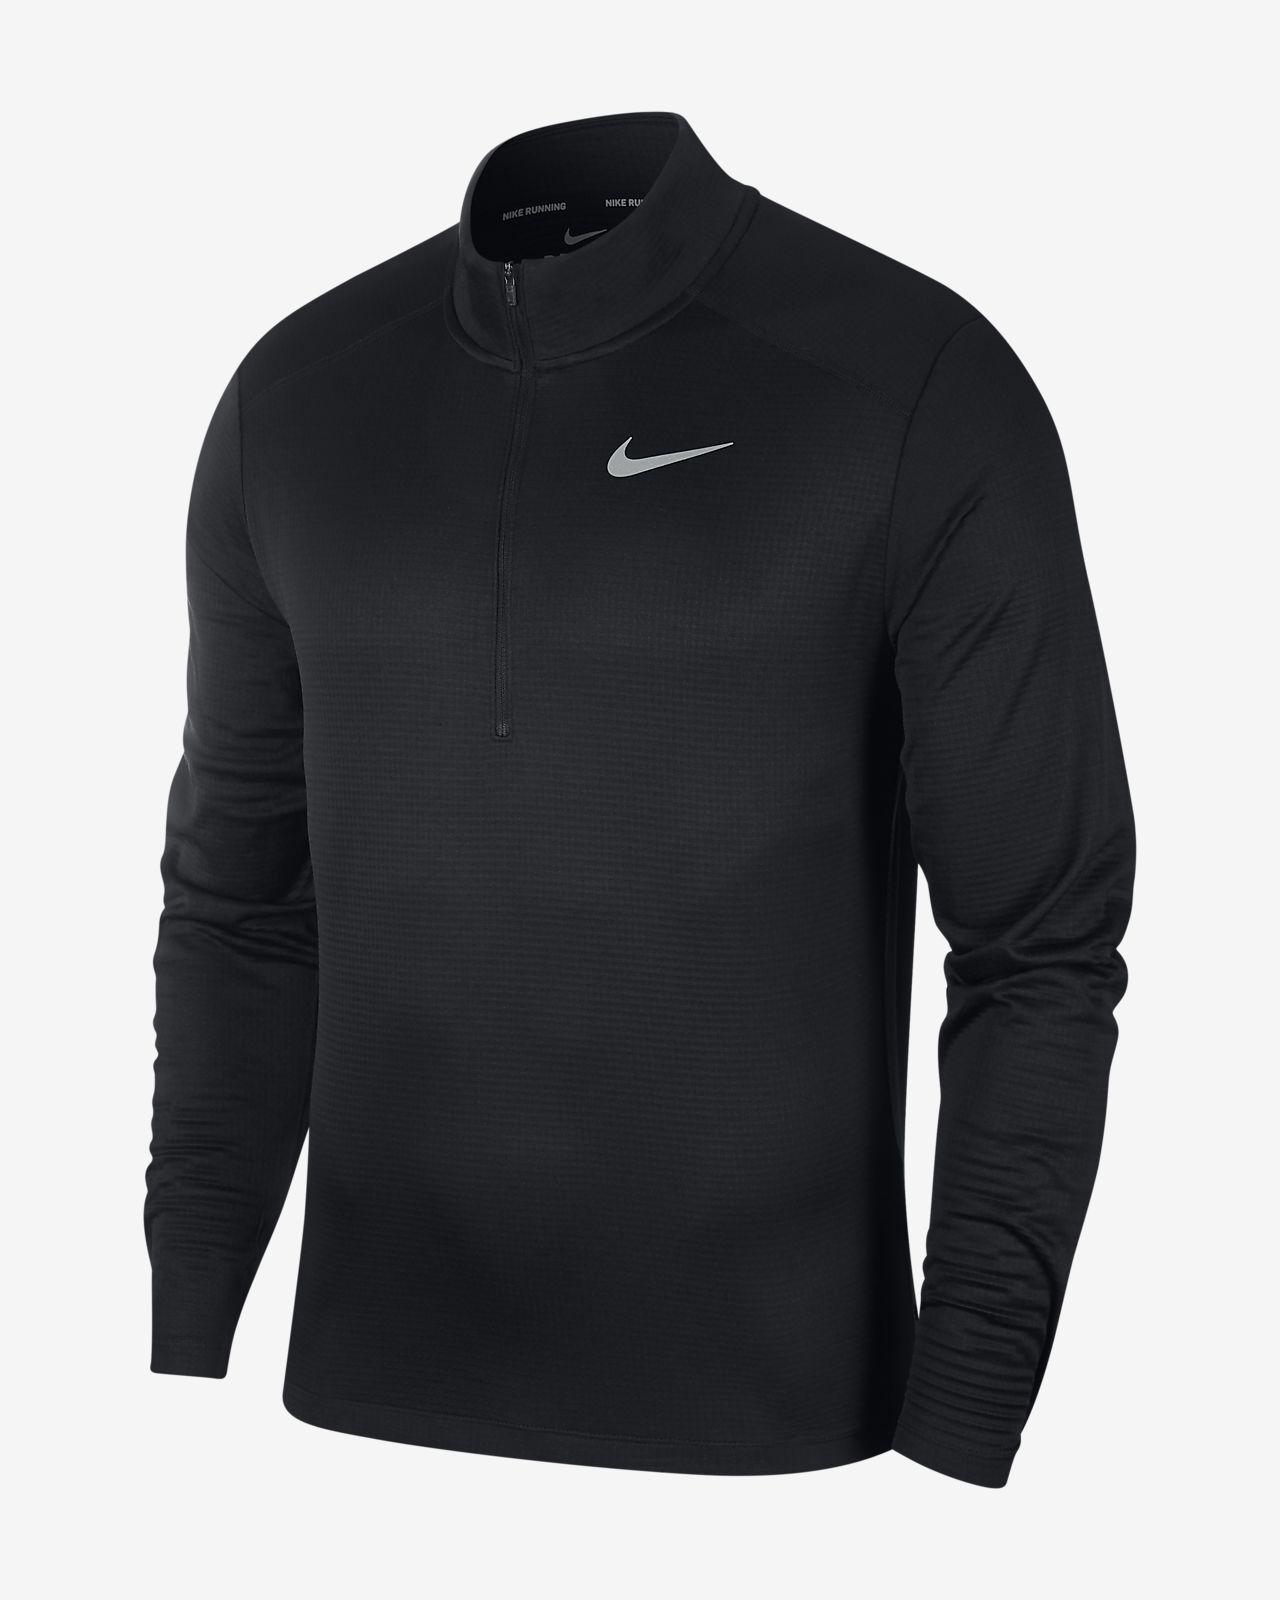 Nike Pacer løpetrøye med glidelås i 1/2 lengde til herre